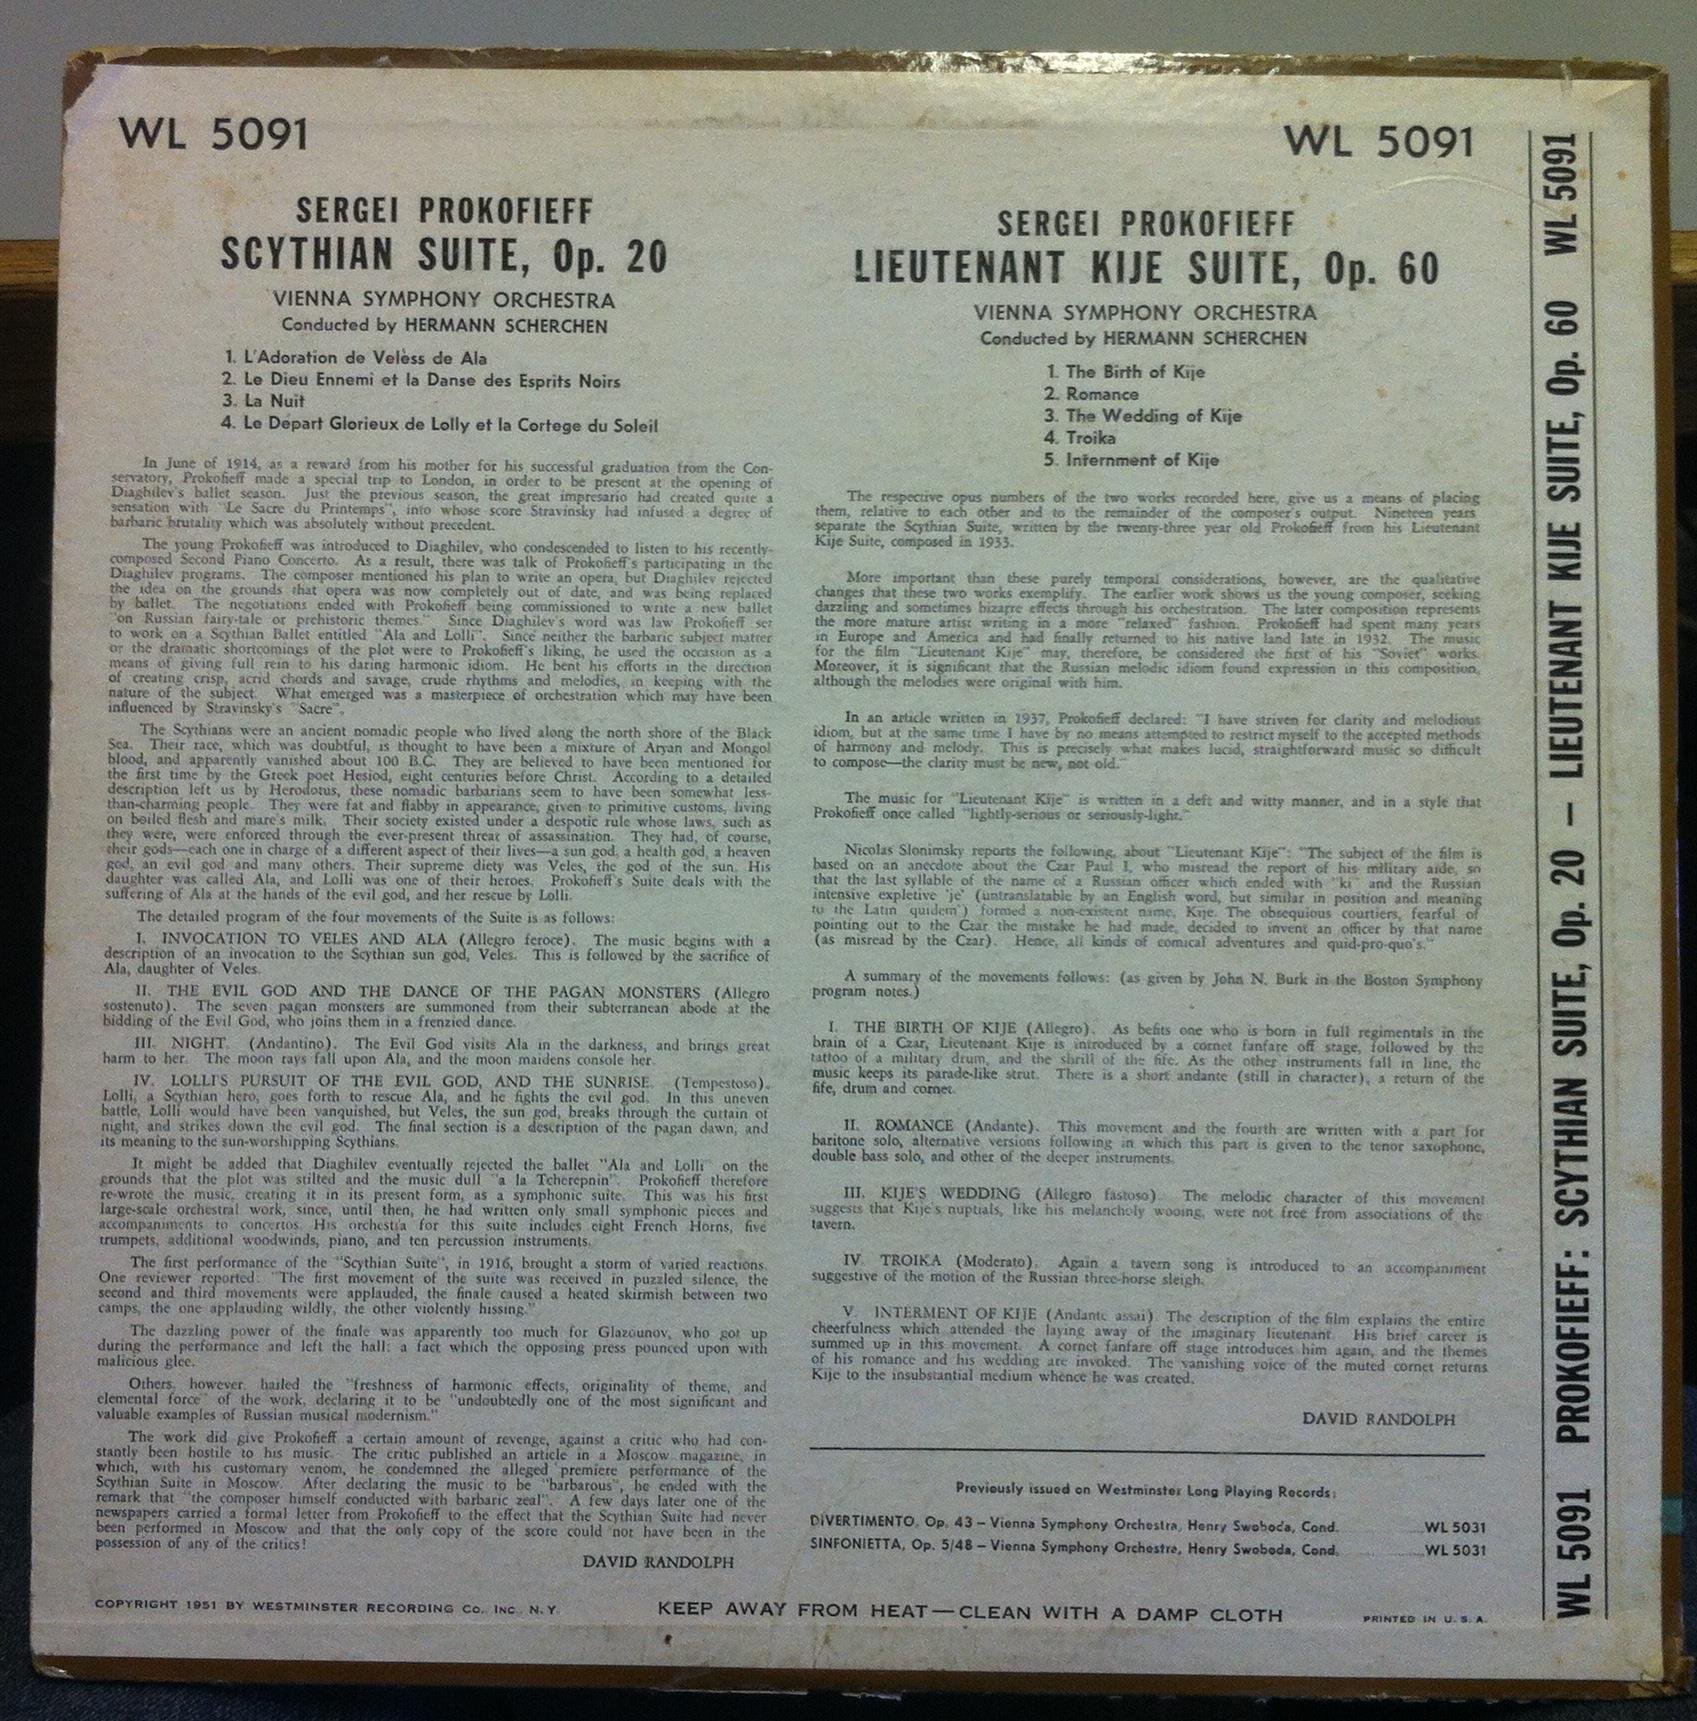 Prokofieff scythian & lieutenant kije by Hermann Scherchen, LP with  shugarecords